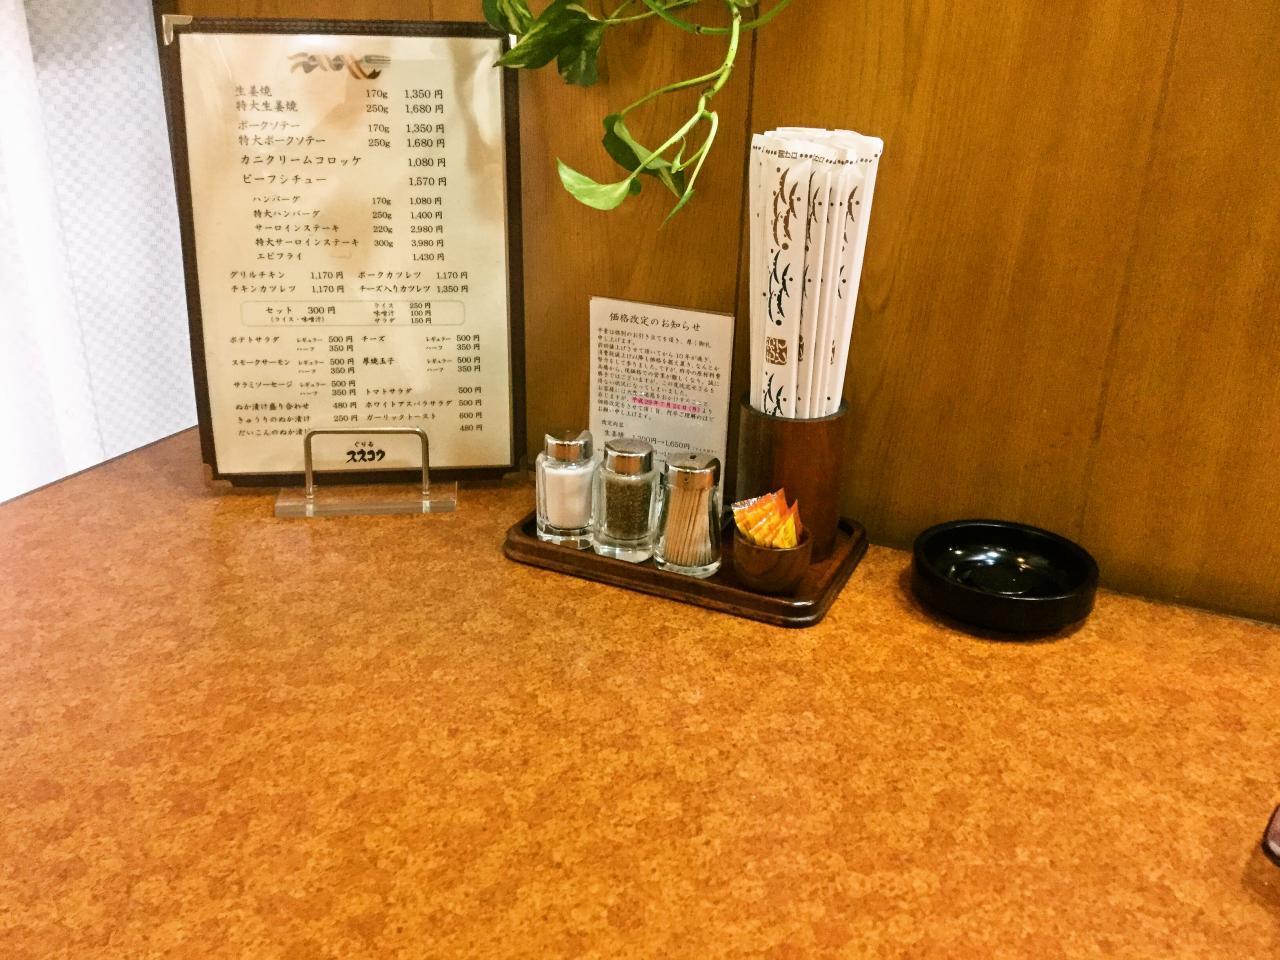 昔ながらの洋食屋 ぐりる スズコウ(店内)